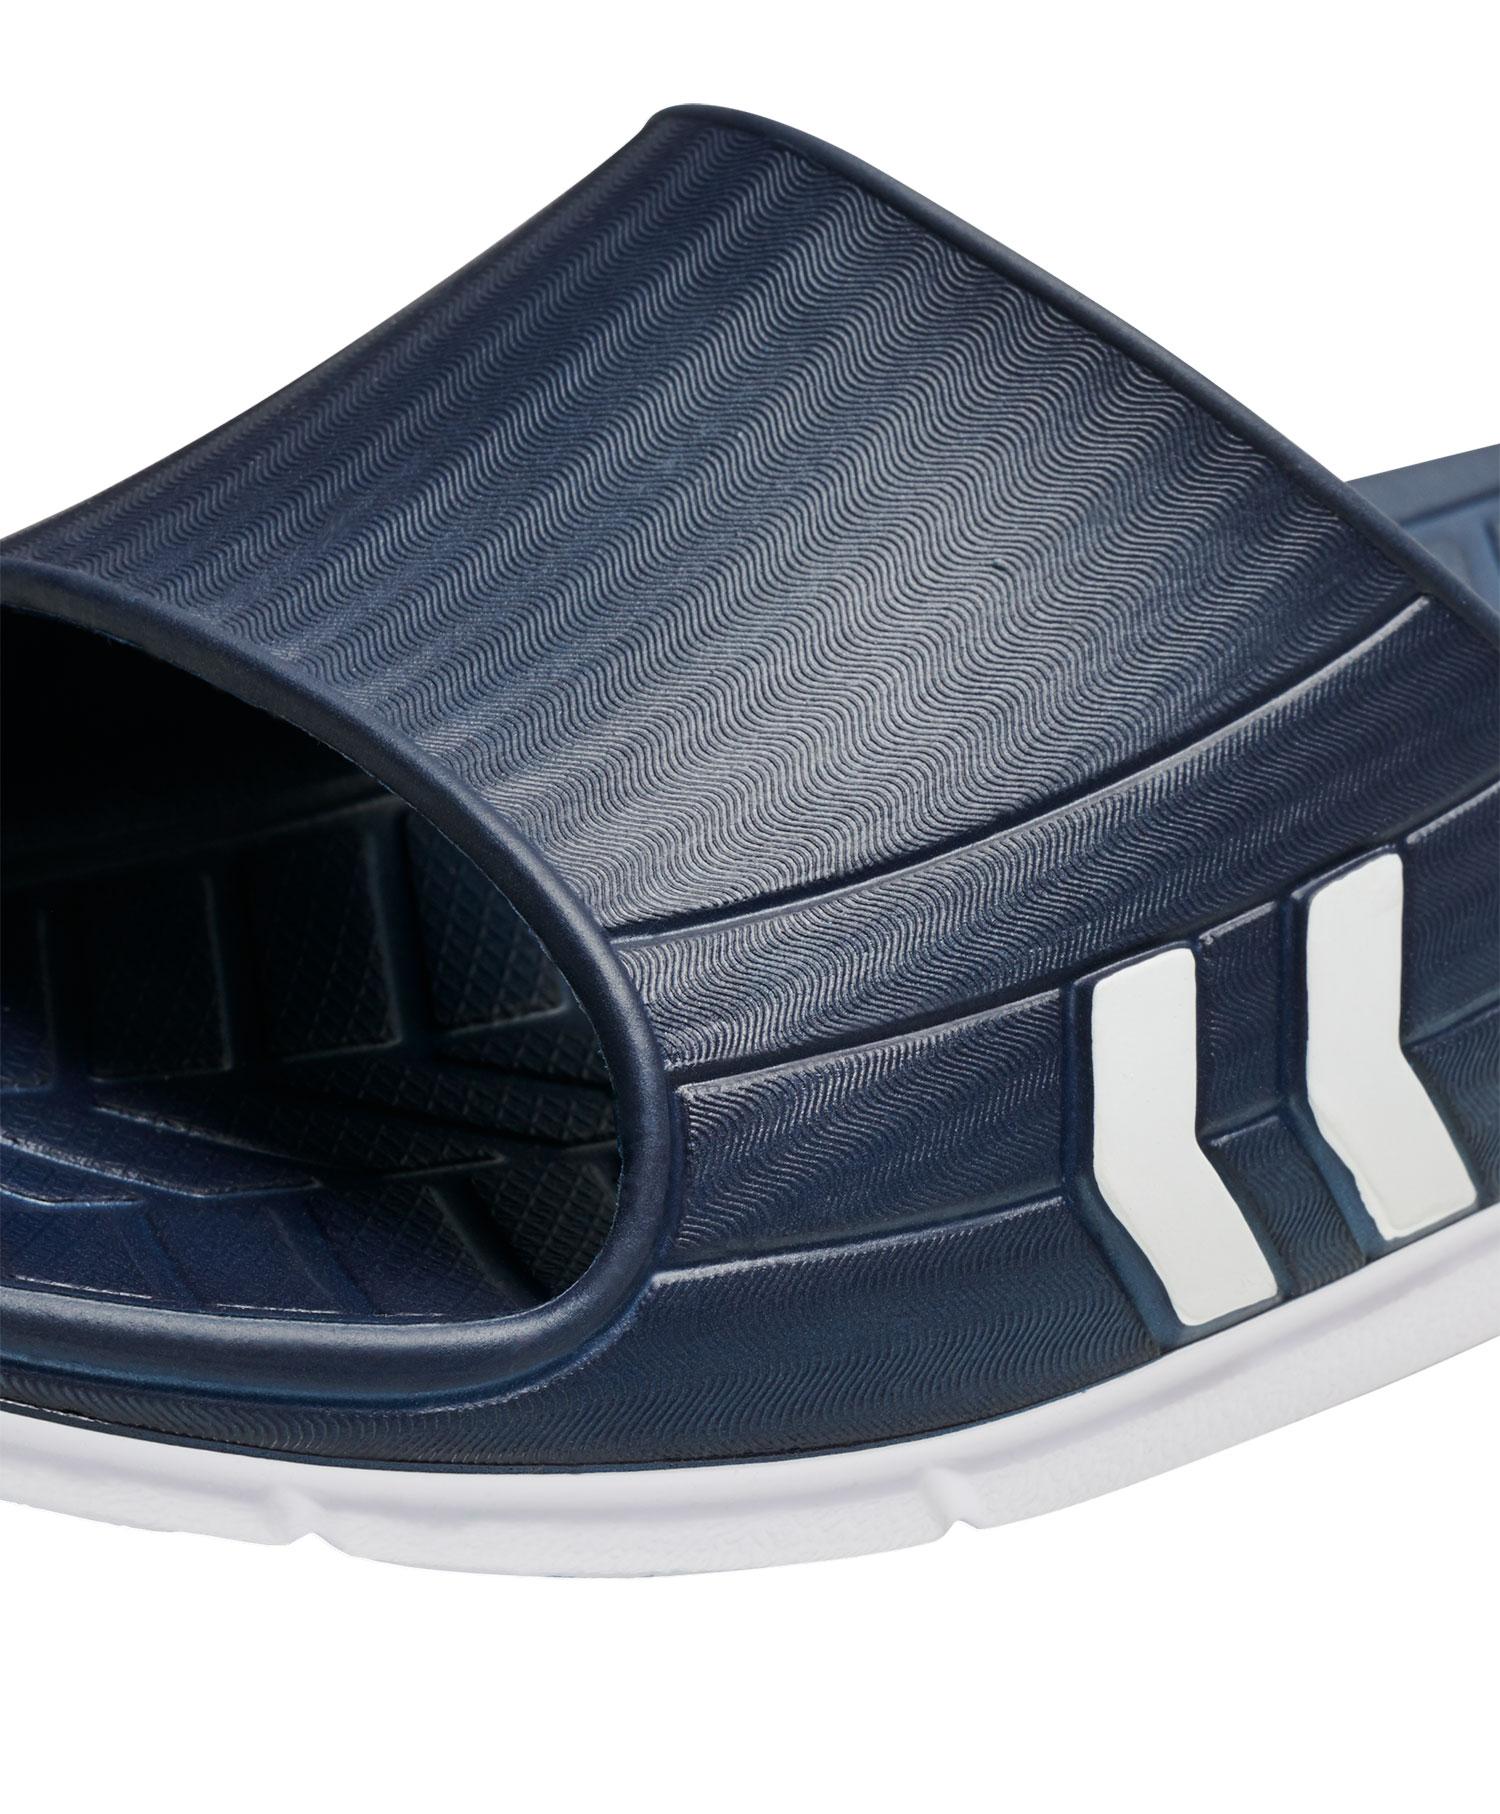 Hummel Nielsen slippers